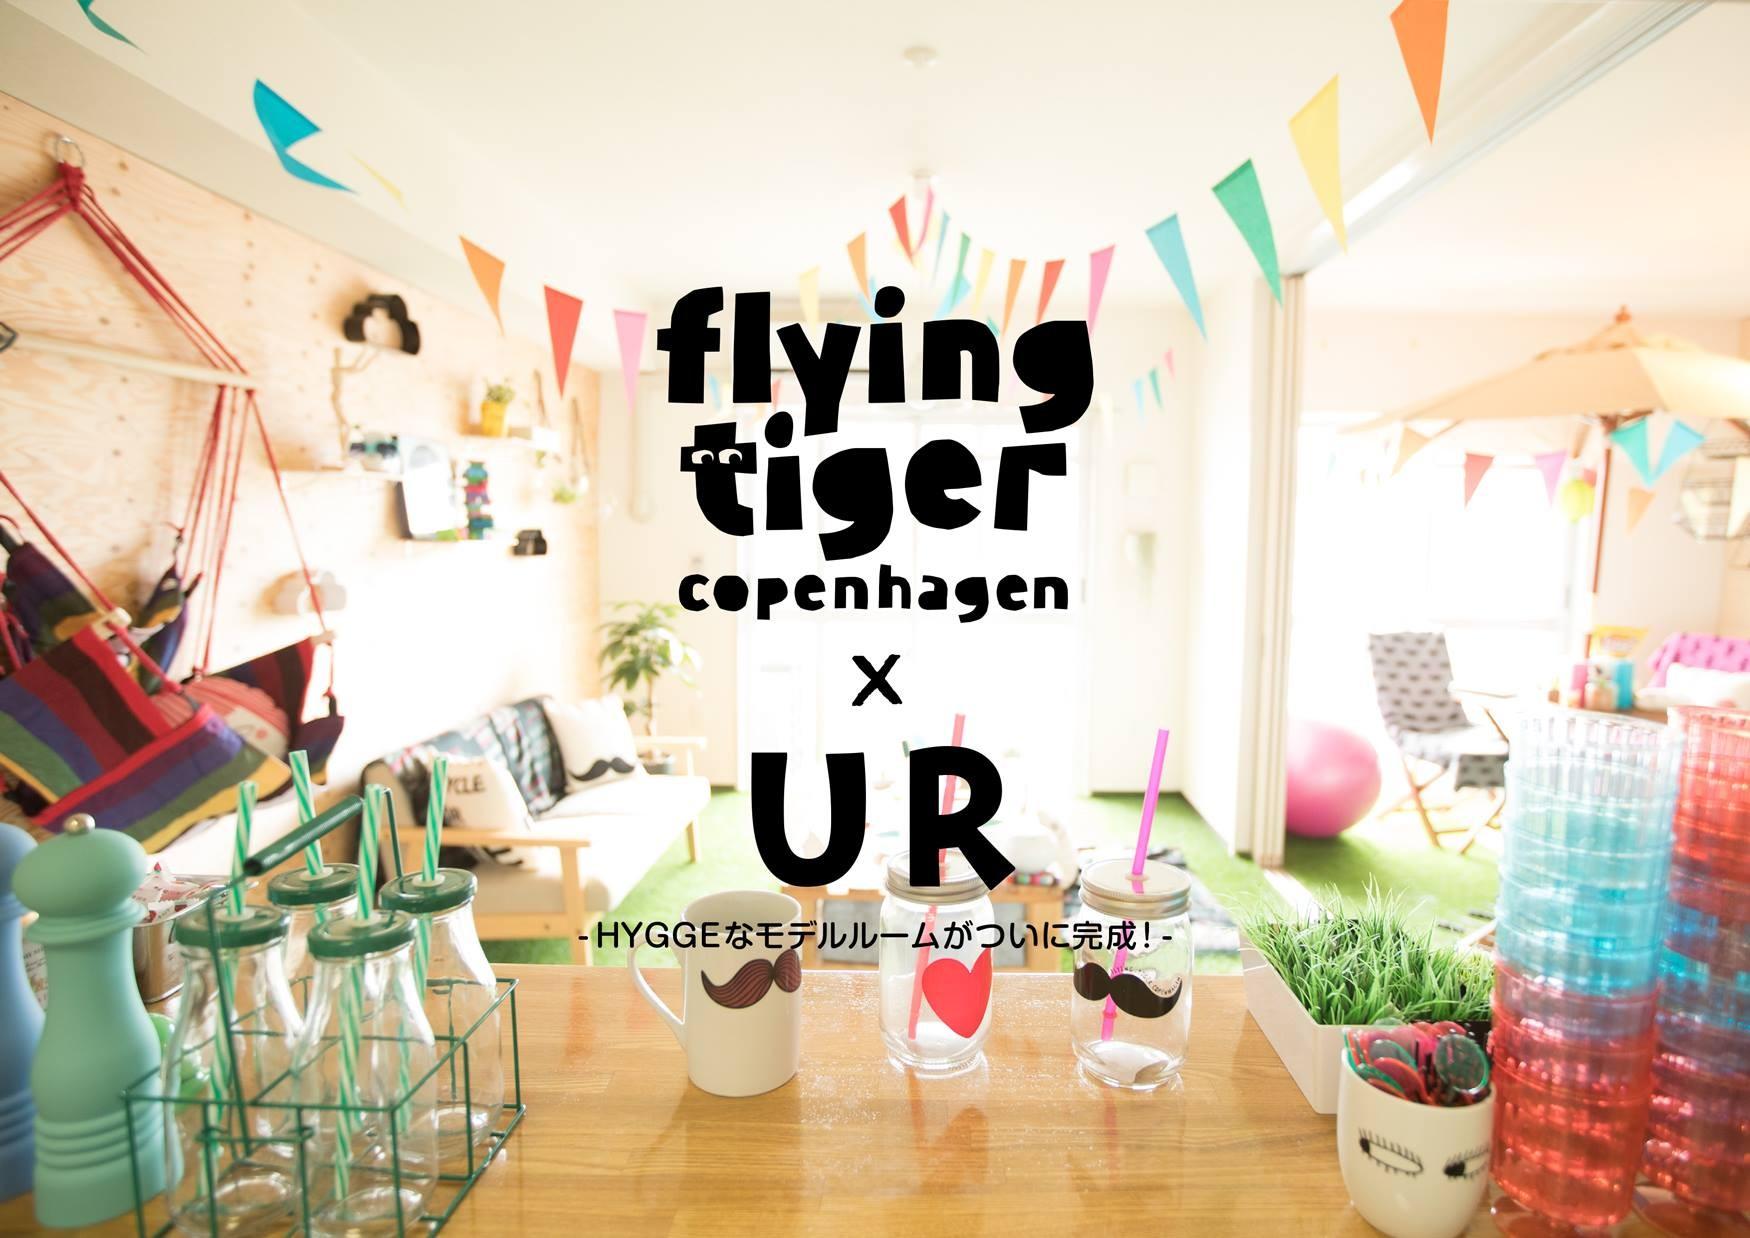 アレンジアイデア満載!Flying Tiger Copenhagenで作るHYGGEな空間